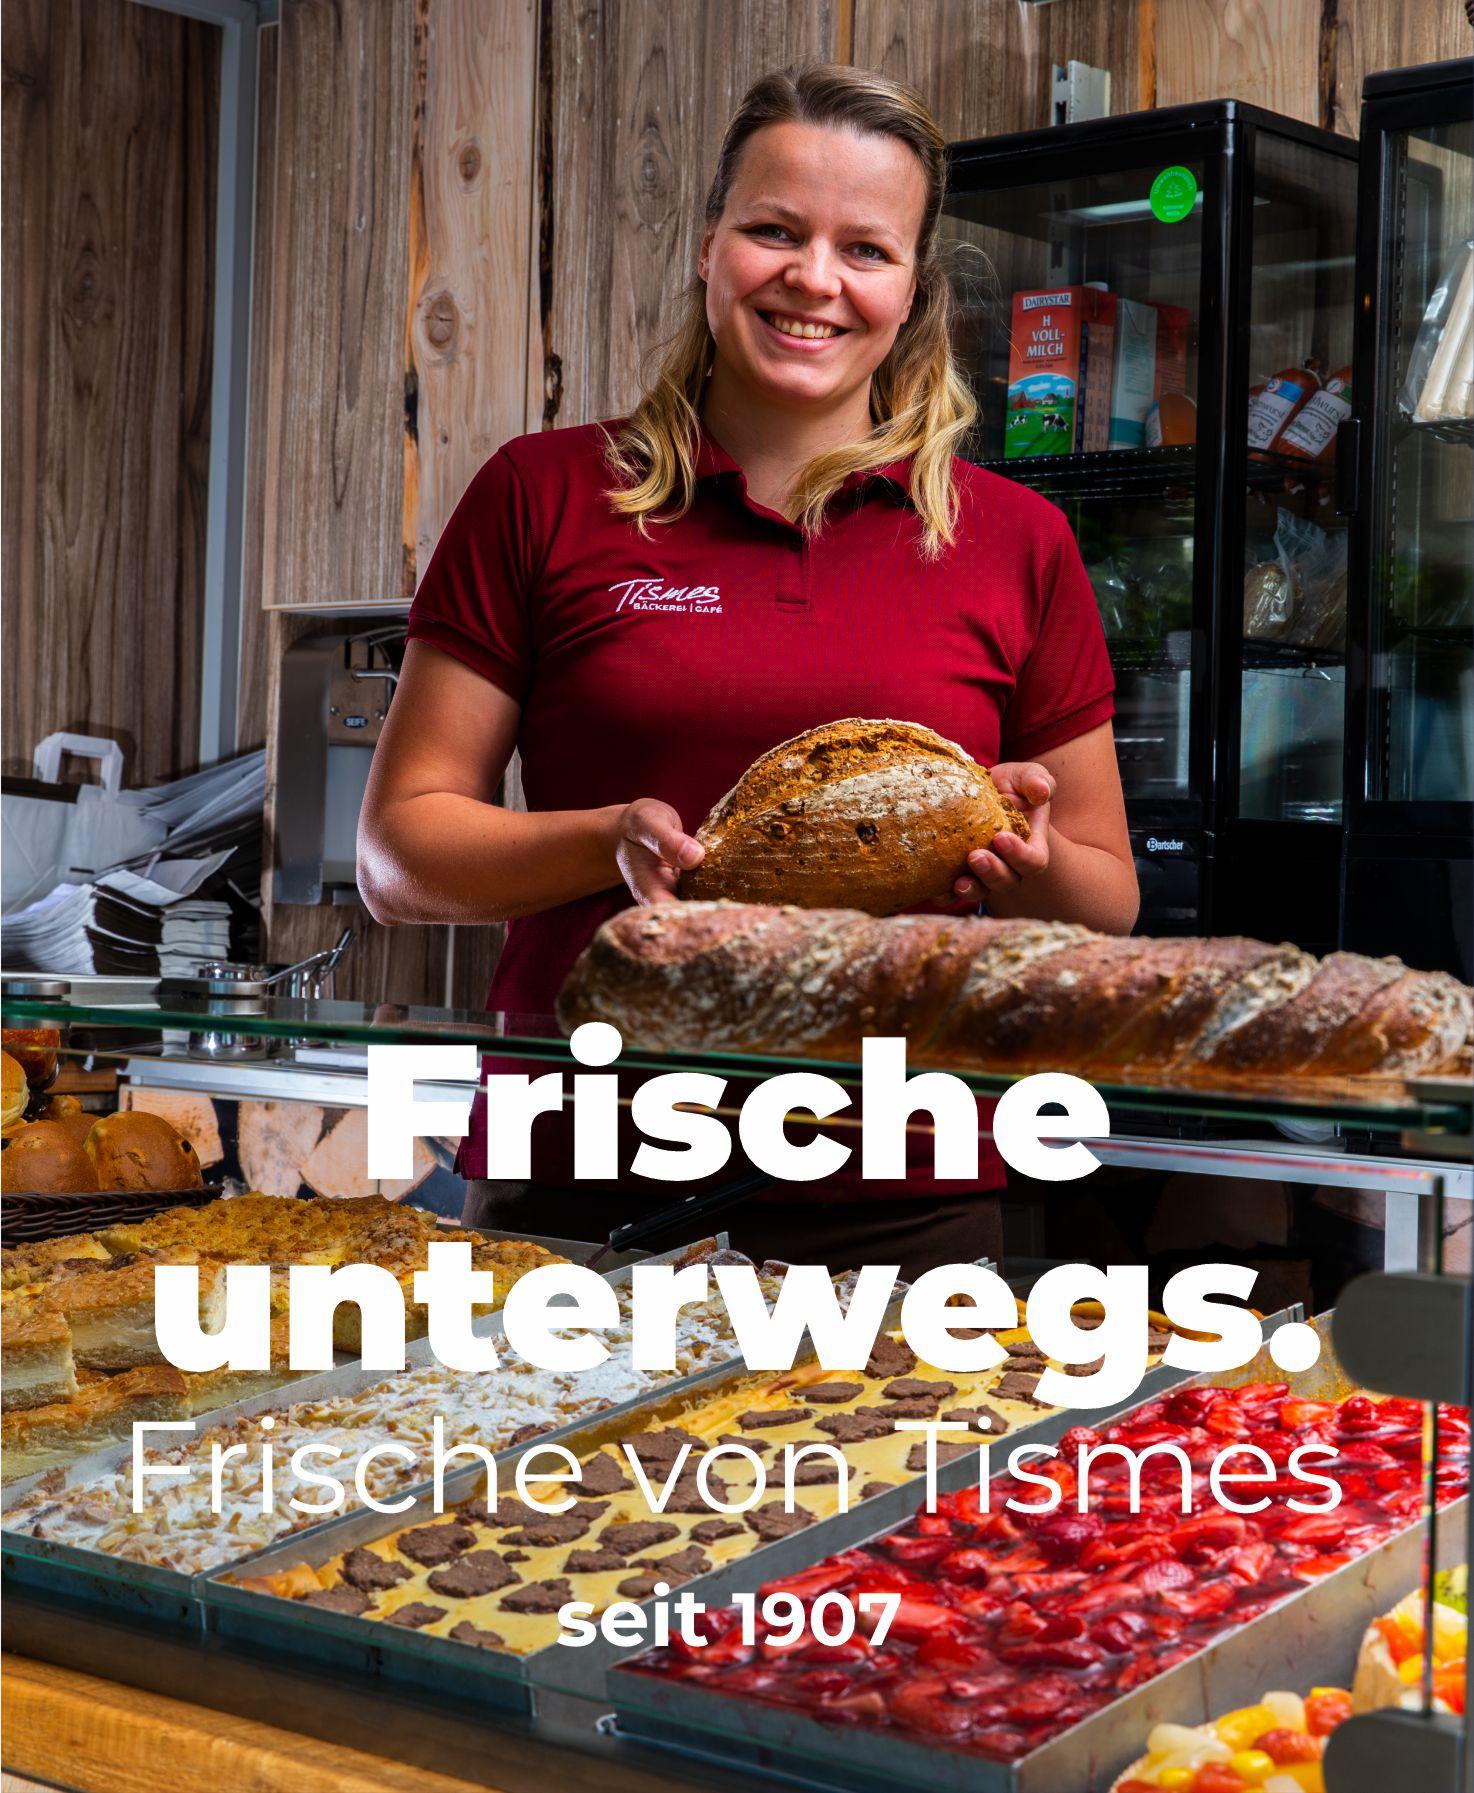 tismes_verkaufswagen_002_xs